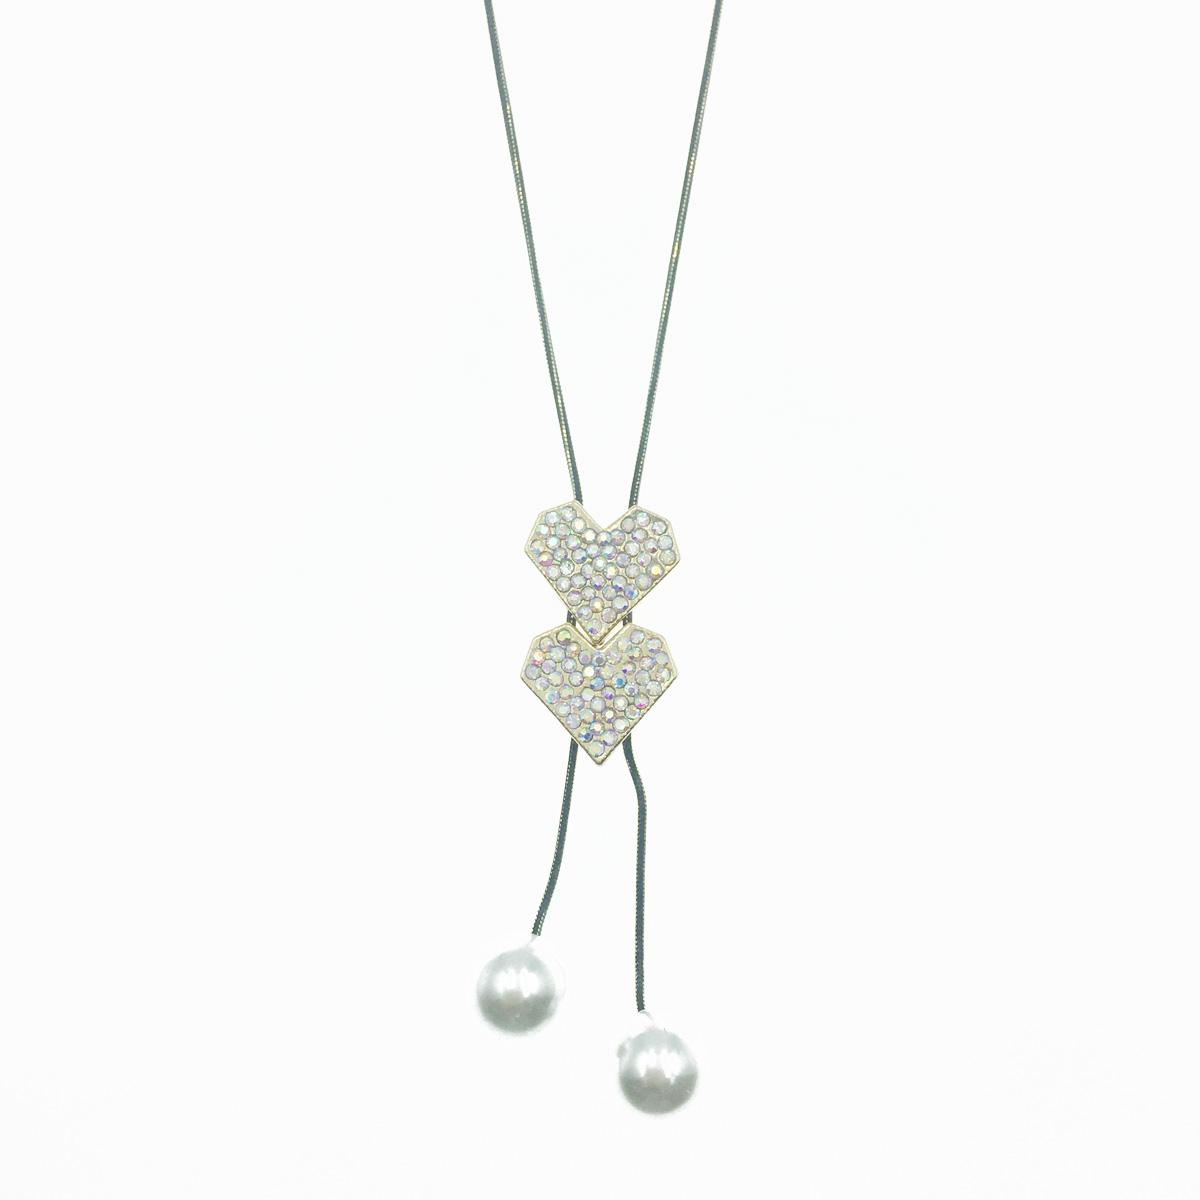 韓國 愛心造型 水鑽 珍珠 可調式 垂墜感 長項鍊